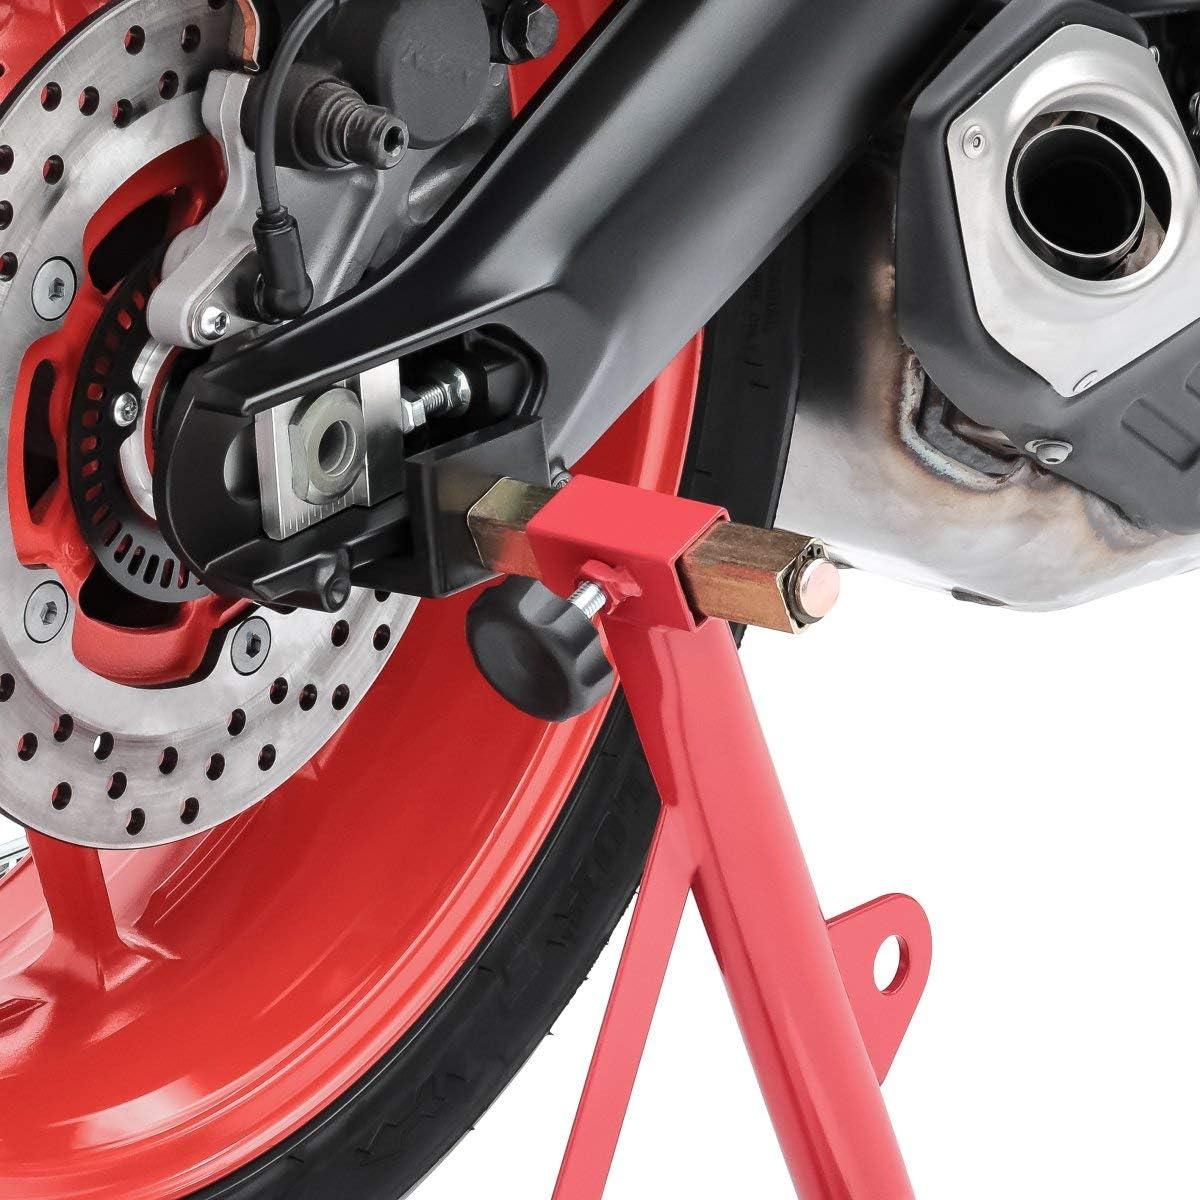 Caballete moto delantero trasero CPR ayuda parking